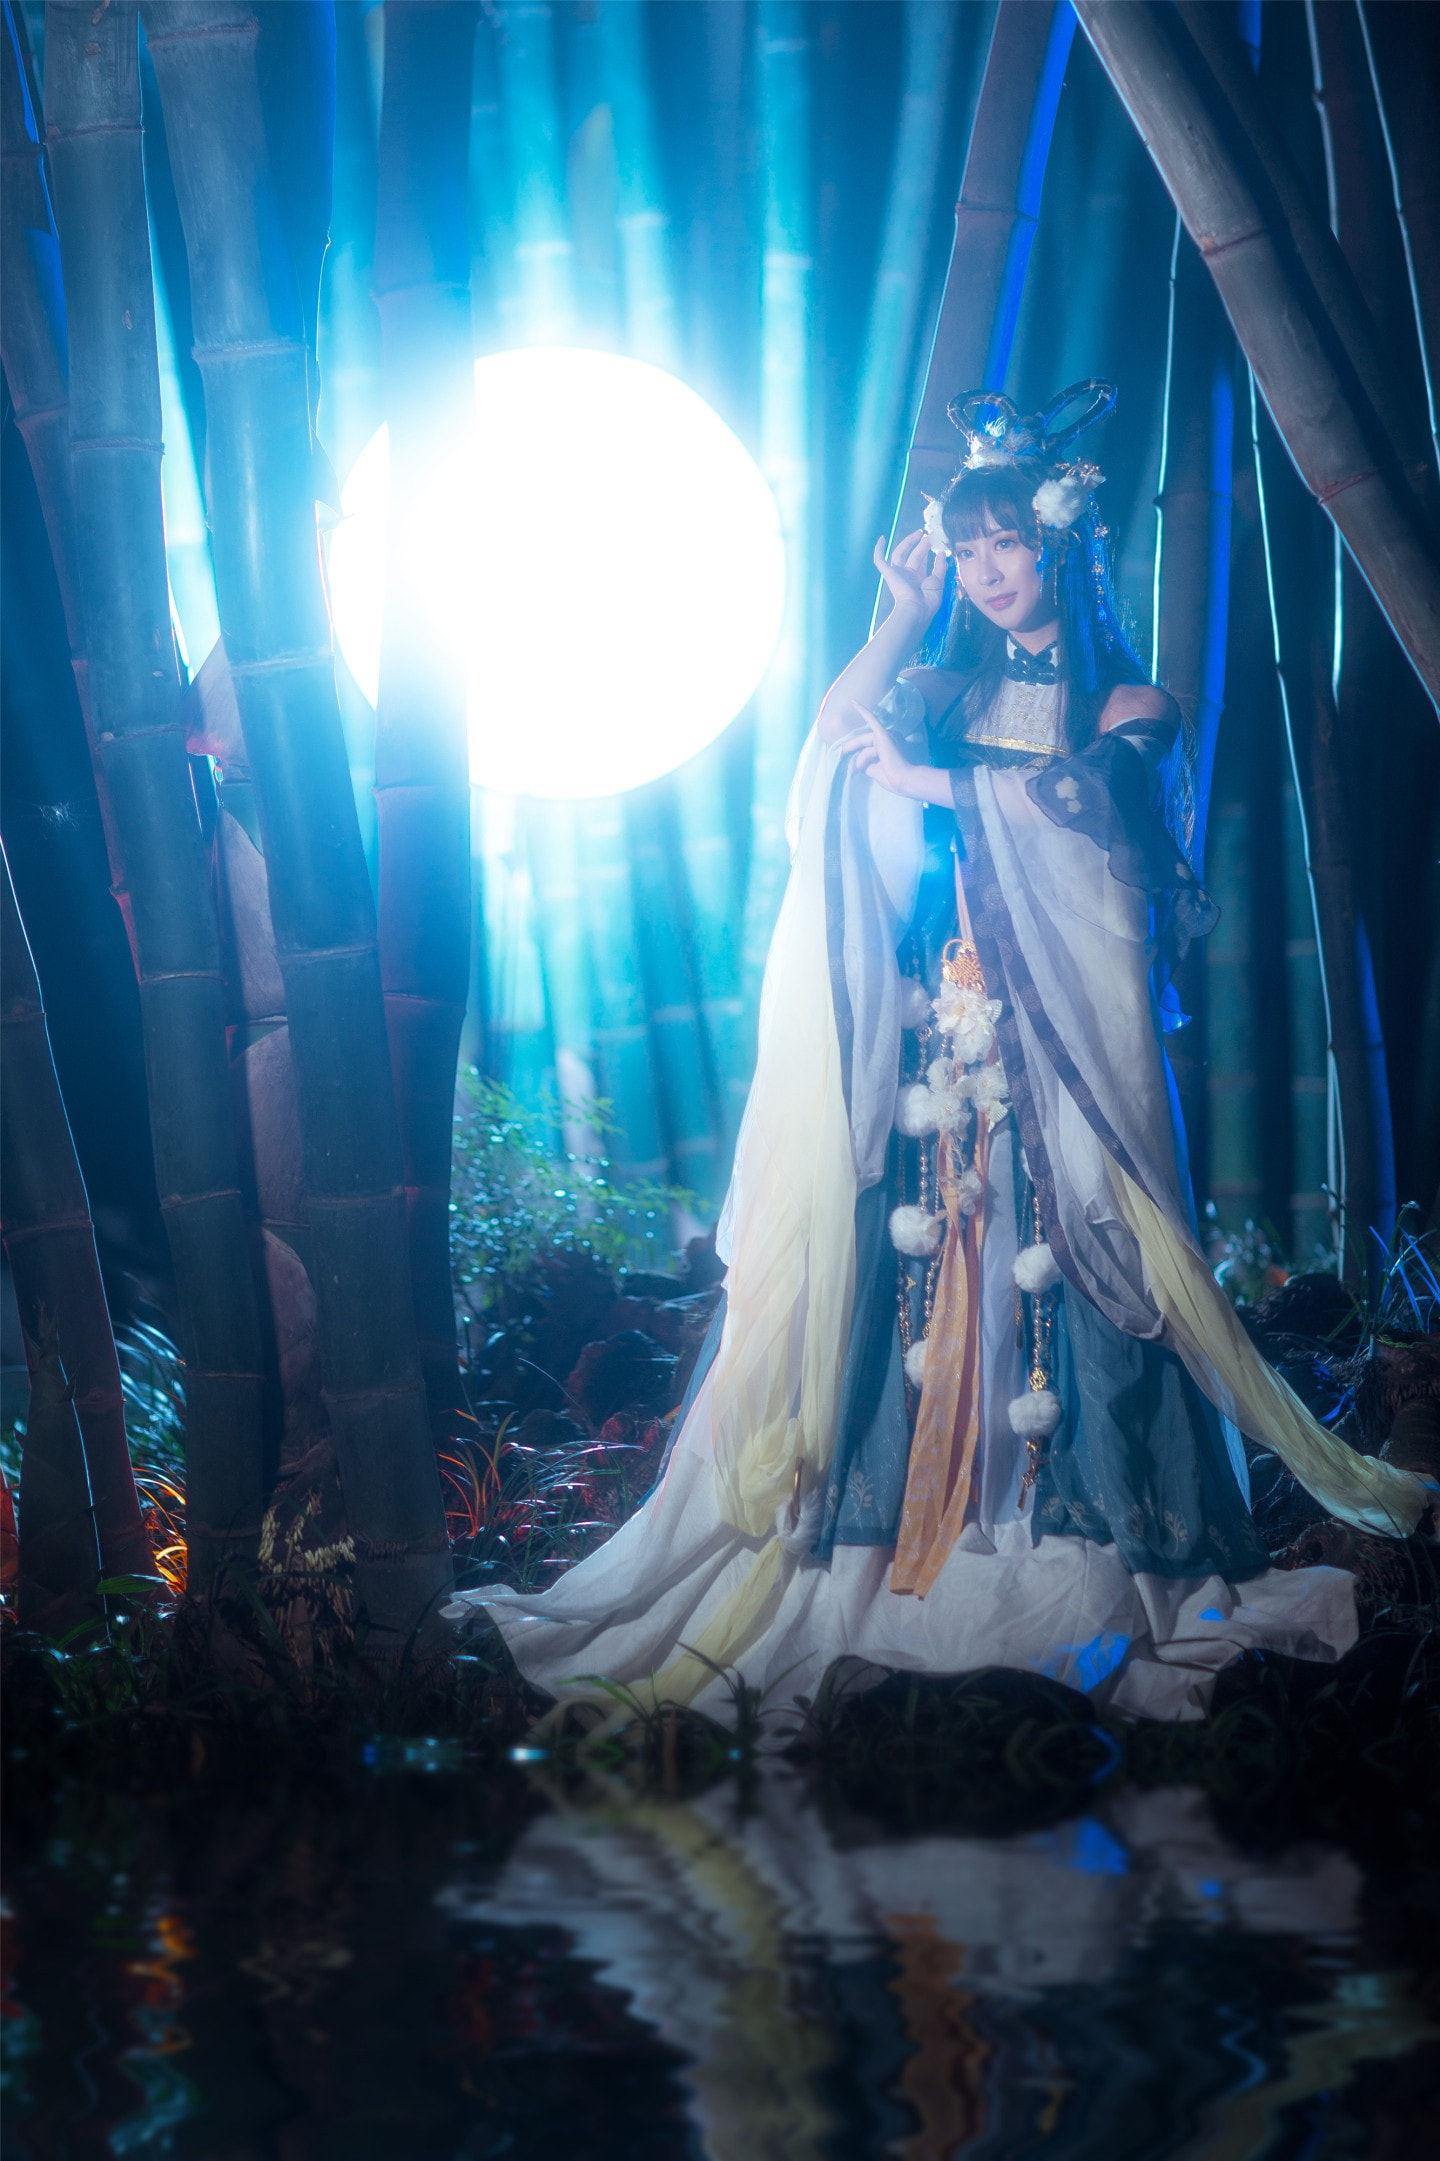 奇迹暖暖·夕月潇湘cosplay